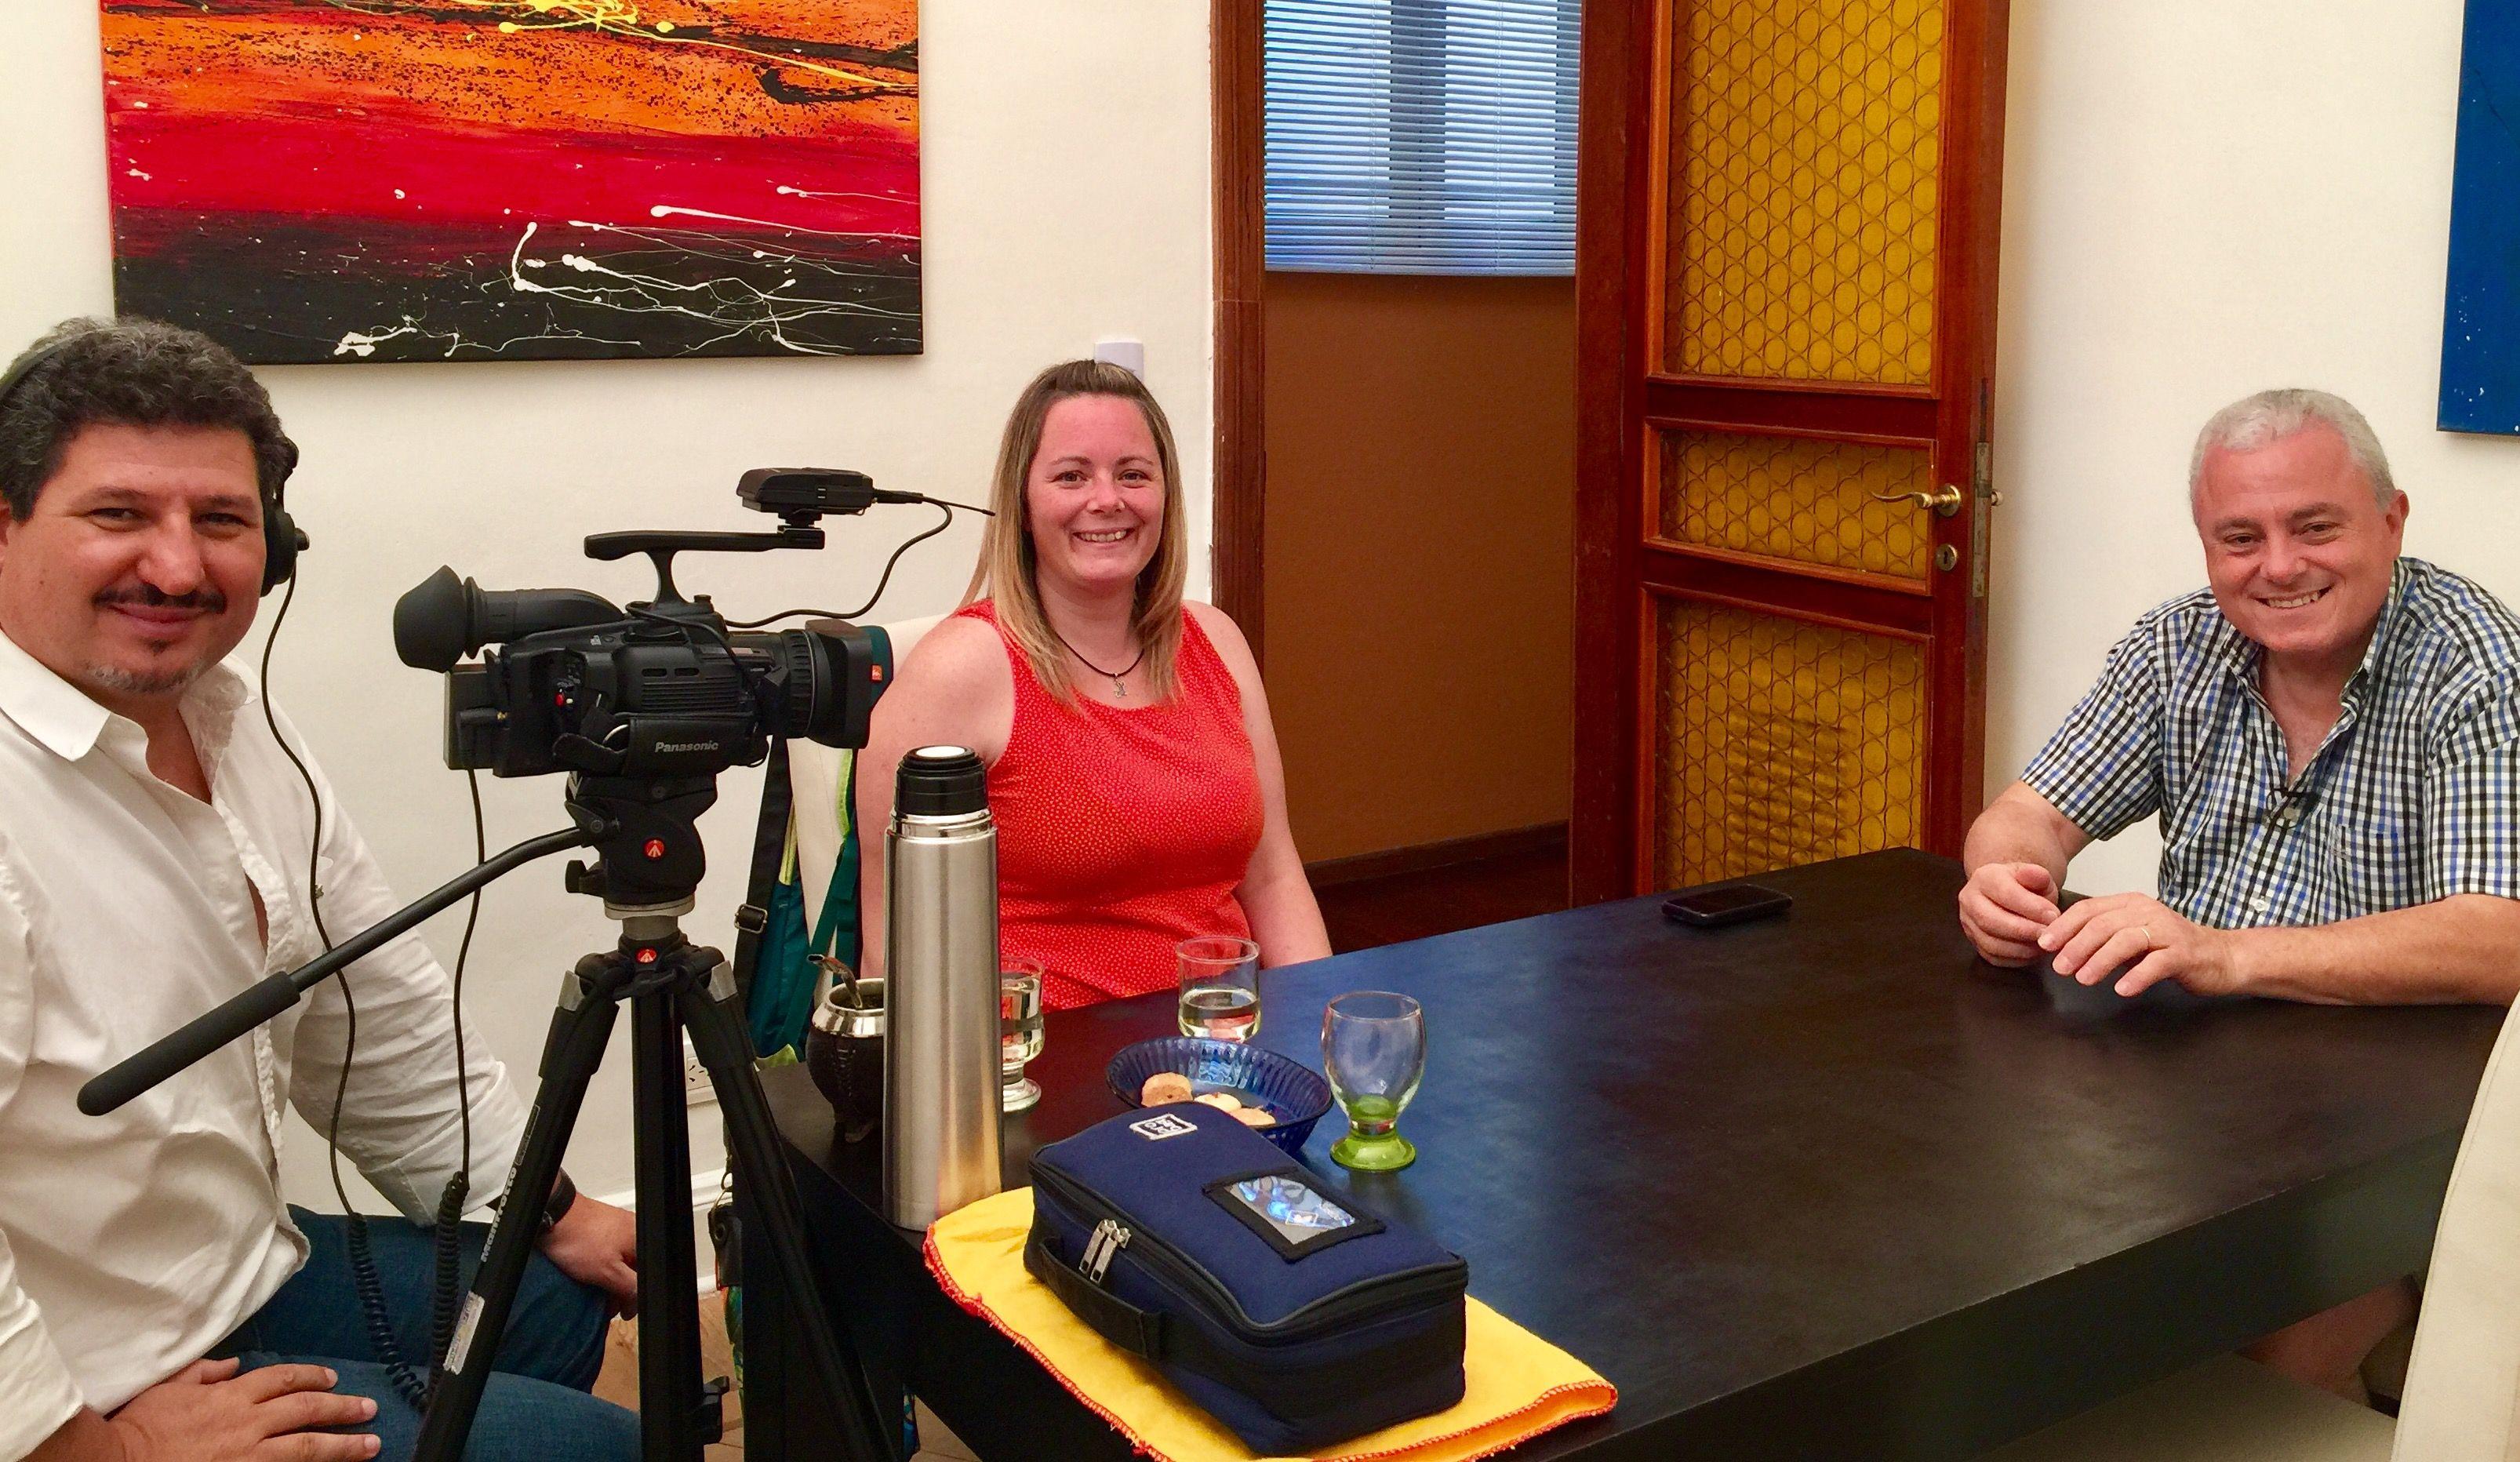 Entrevista en la productora con Sabrina y Jorge.